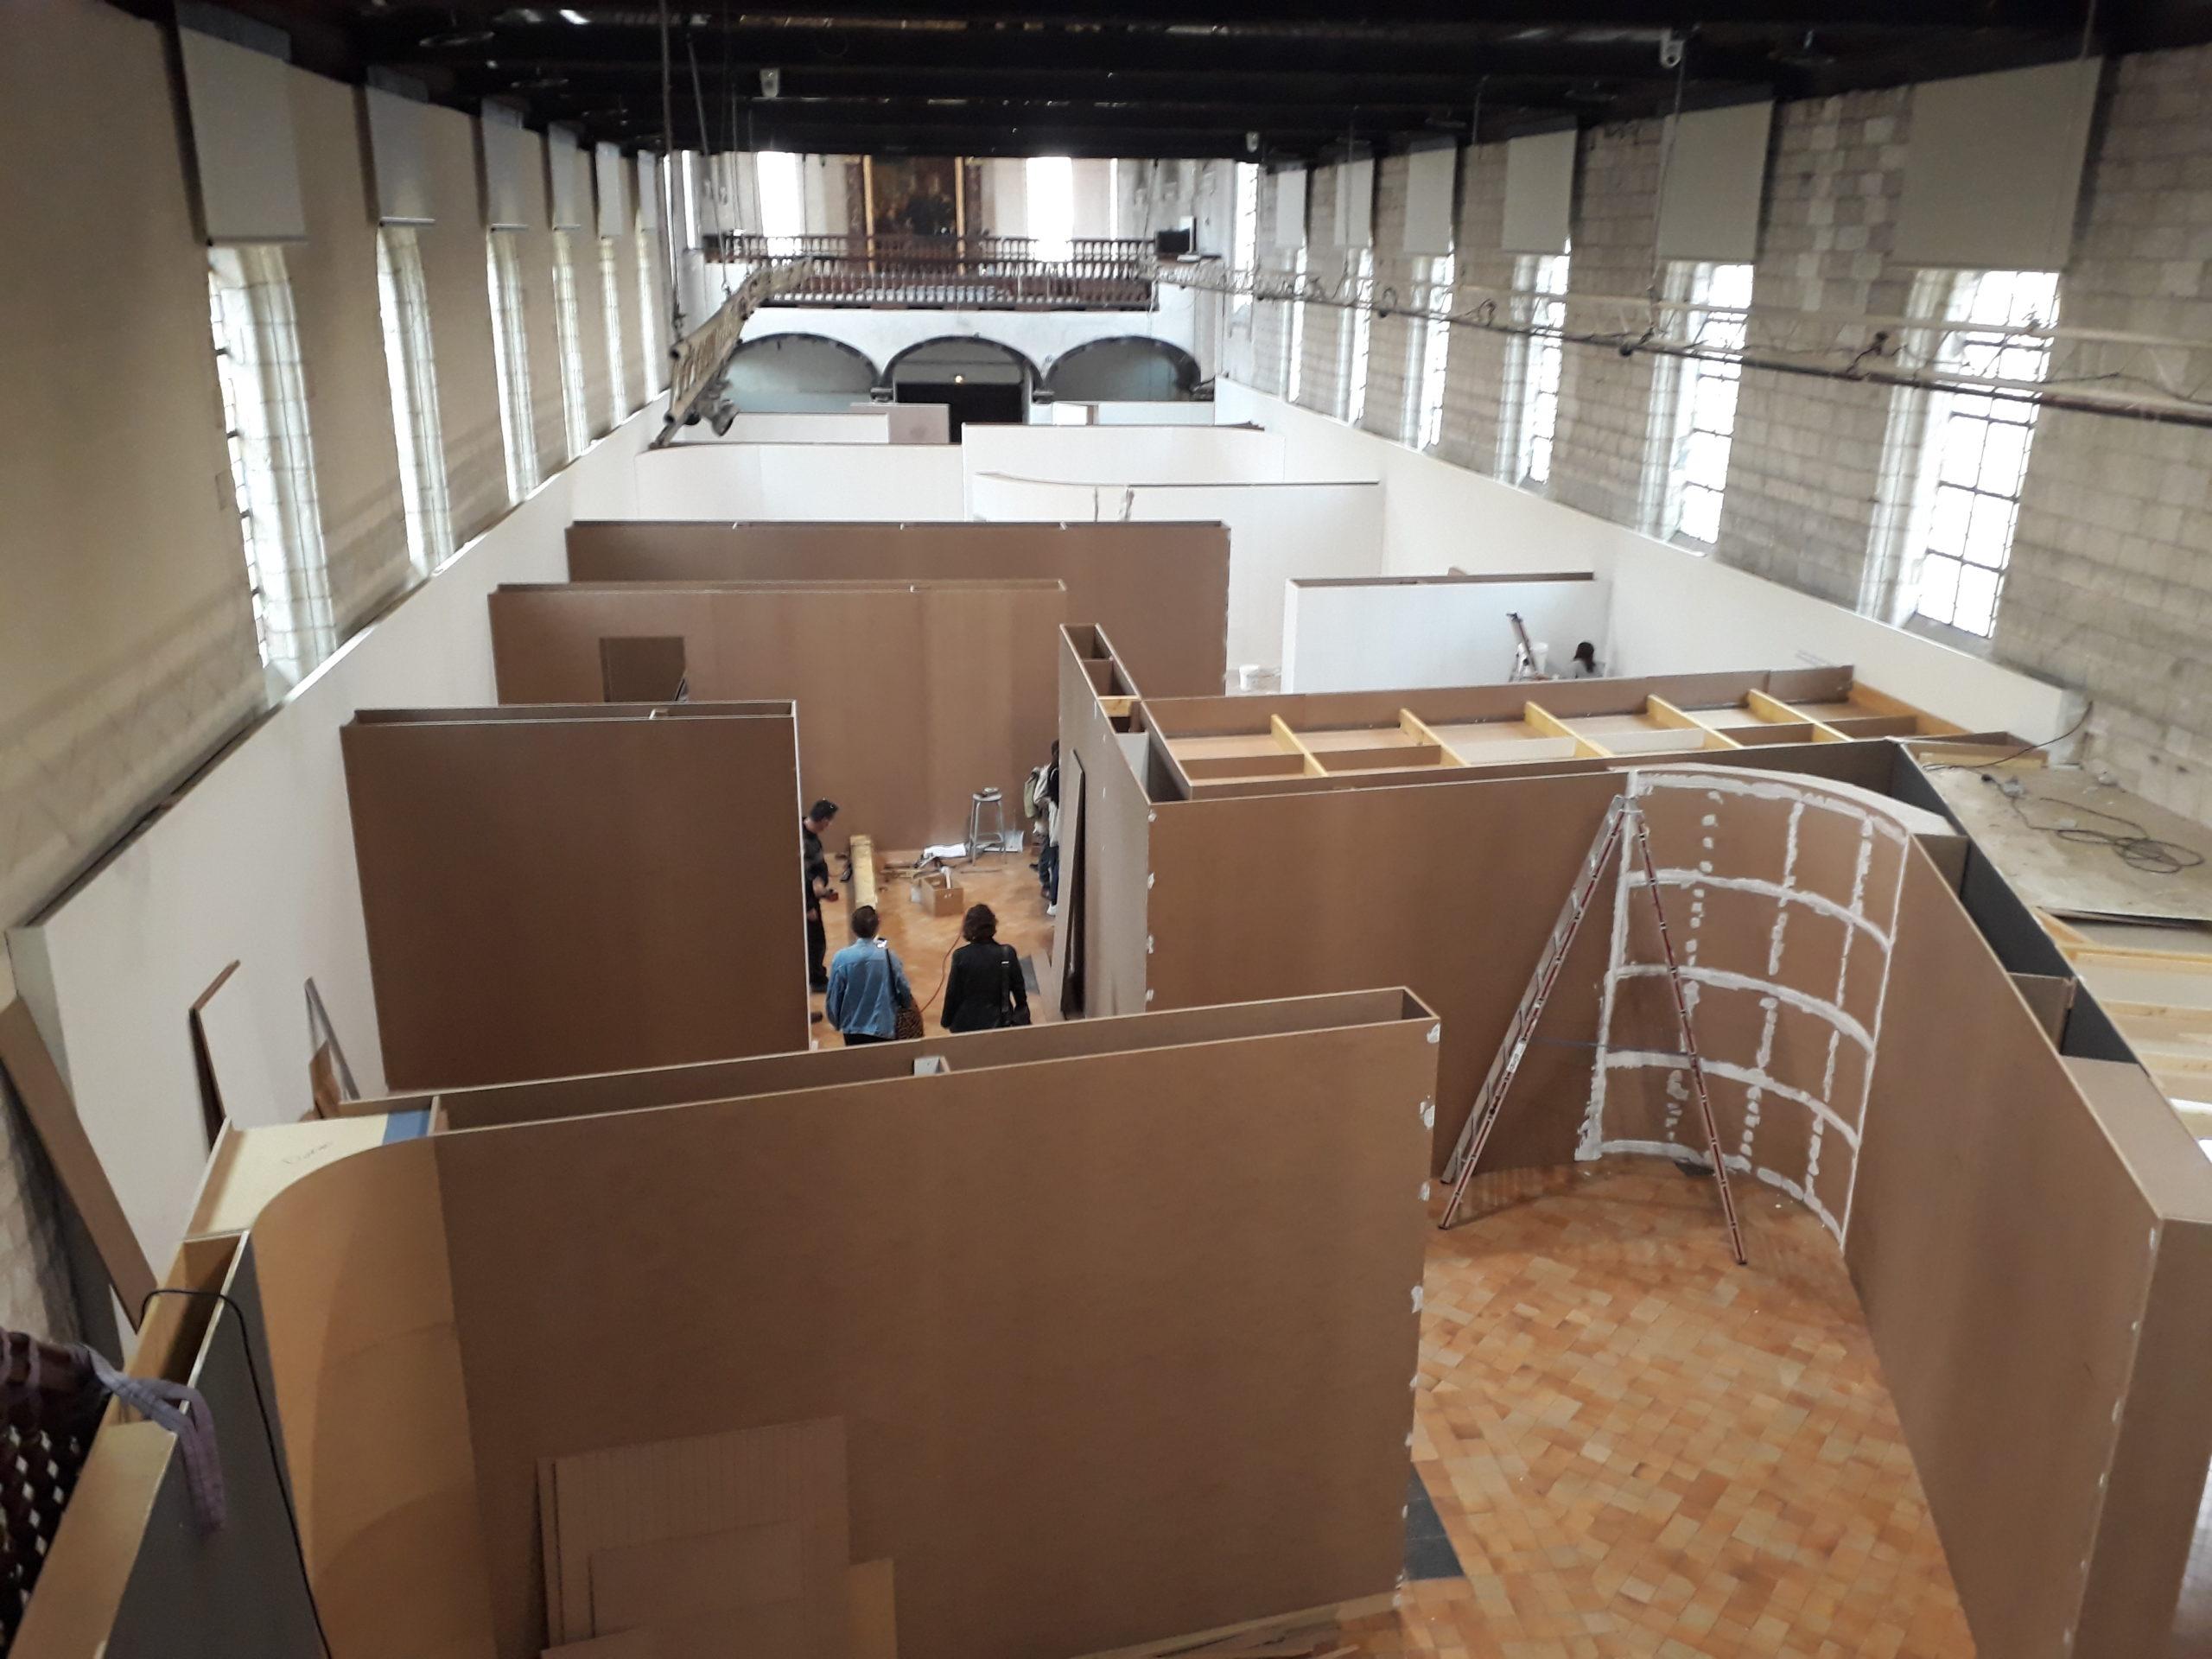 Du projet confiné à la réalité du chantier : la scénographie de la prochaine exposition du Musée de l'Hospice Comtesse